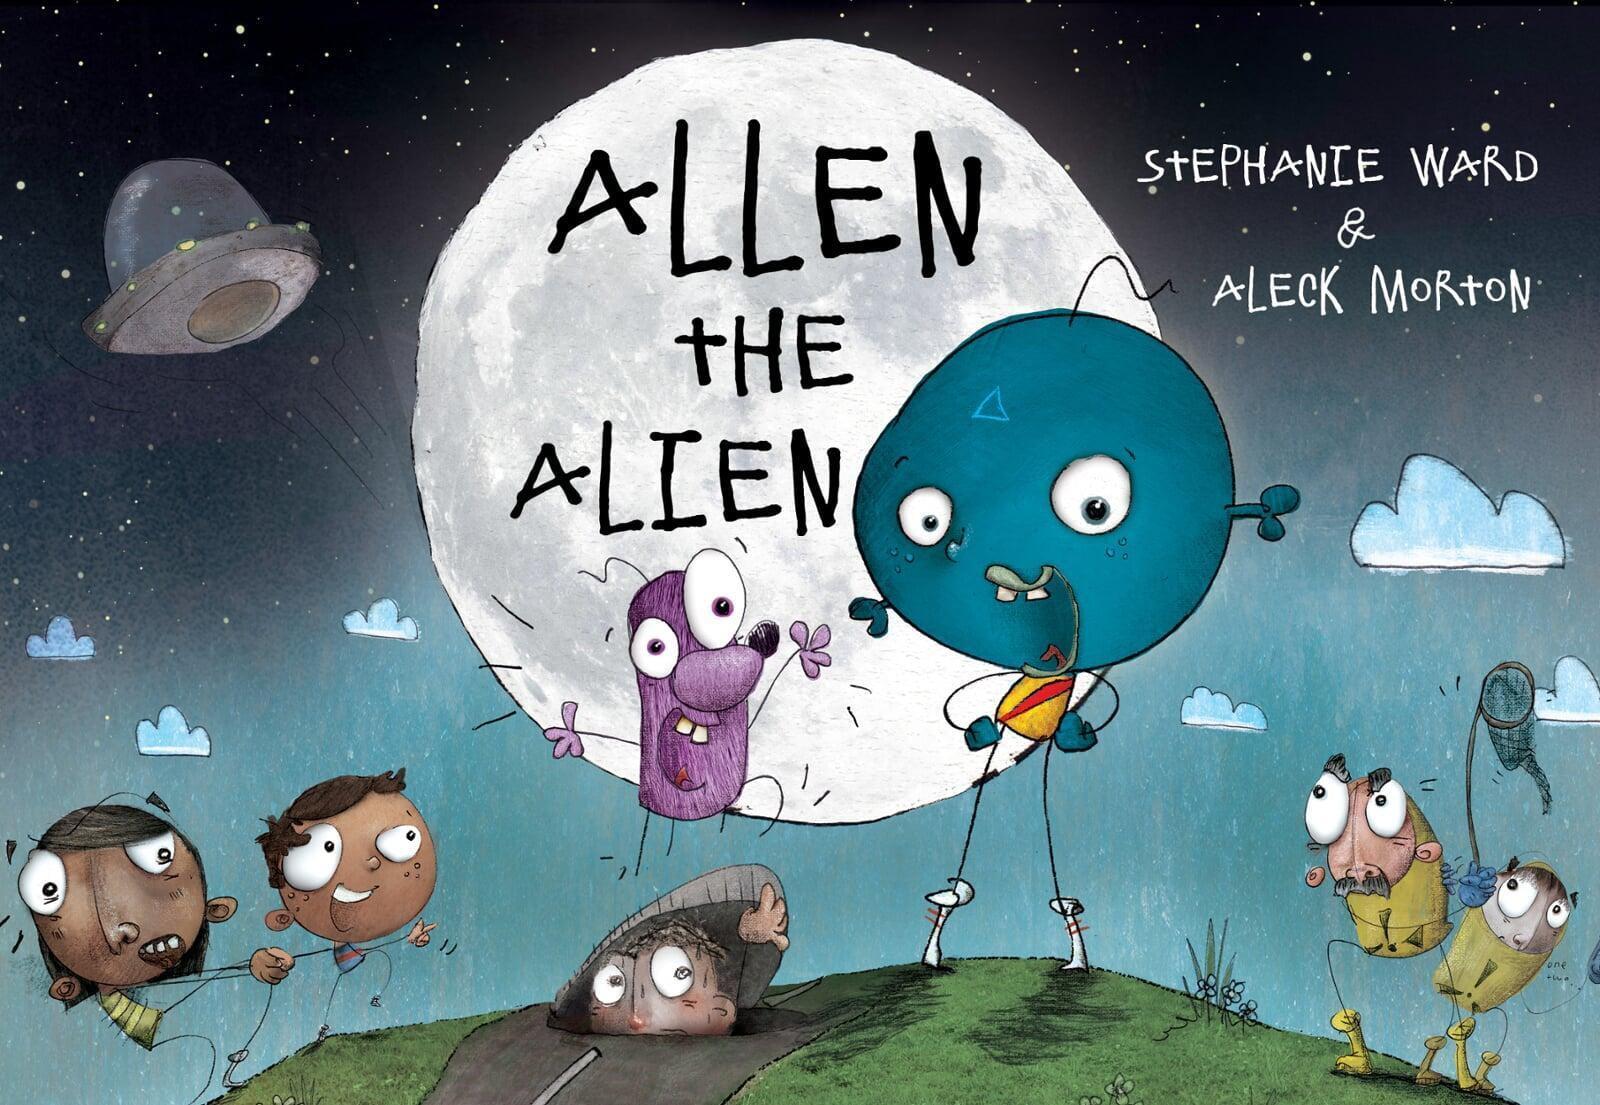 Allen the Alien